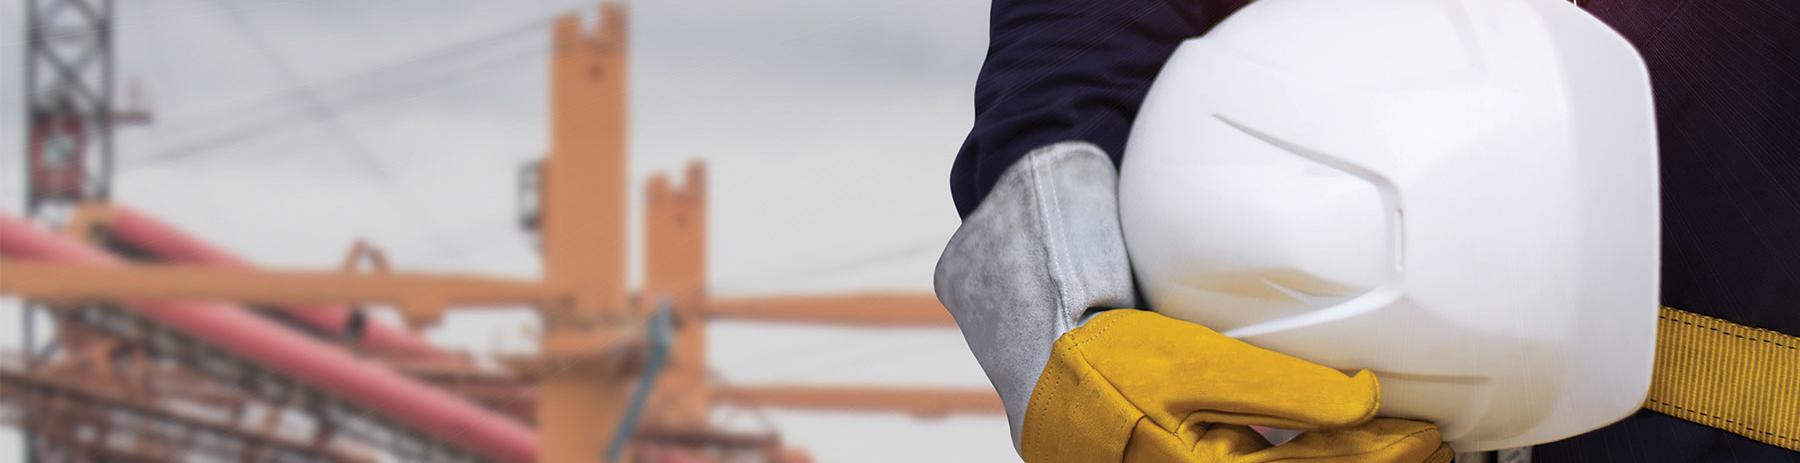 JMBHeader WorkSafeOSHARegulationConsulting